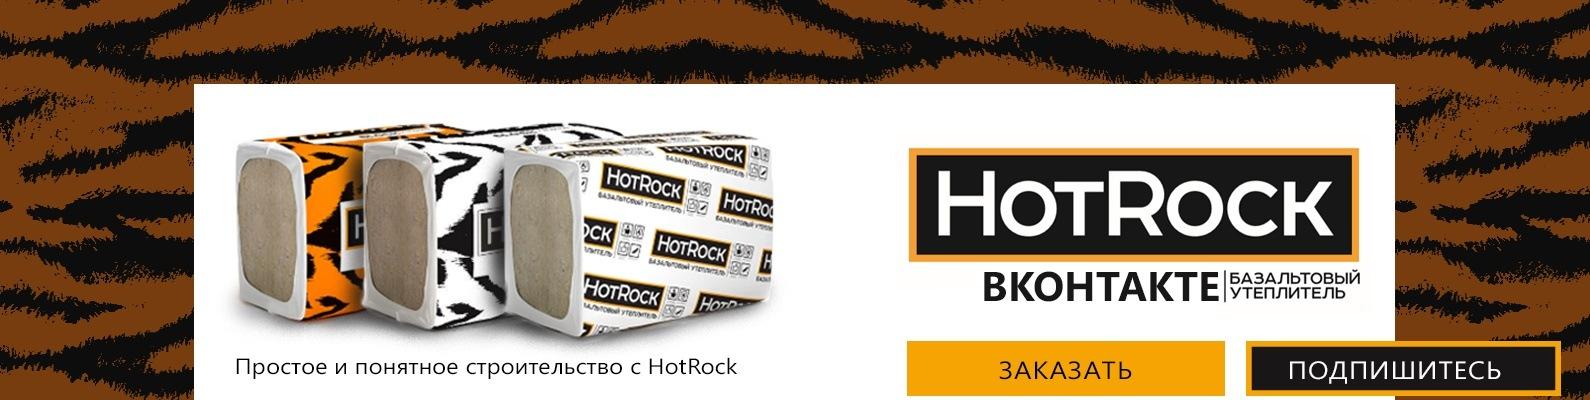 Утеплители hotrock (хотрок)